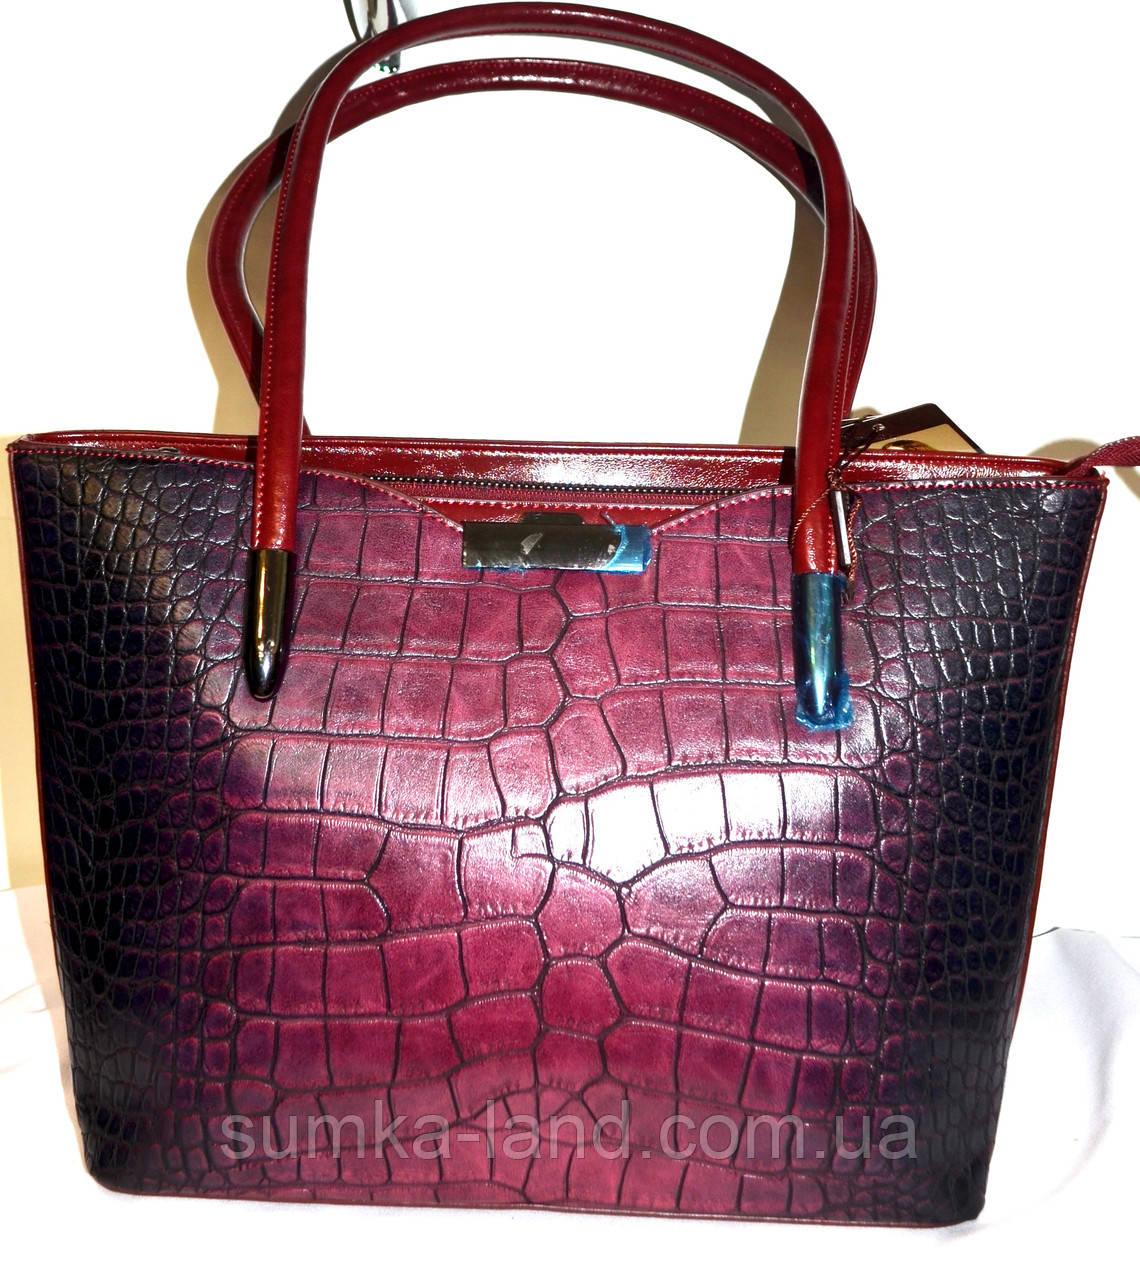 d90528e27a97 Женская бордовая сумка на плечо класса Люкс под рептилию 30*25 см ...